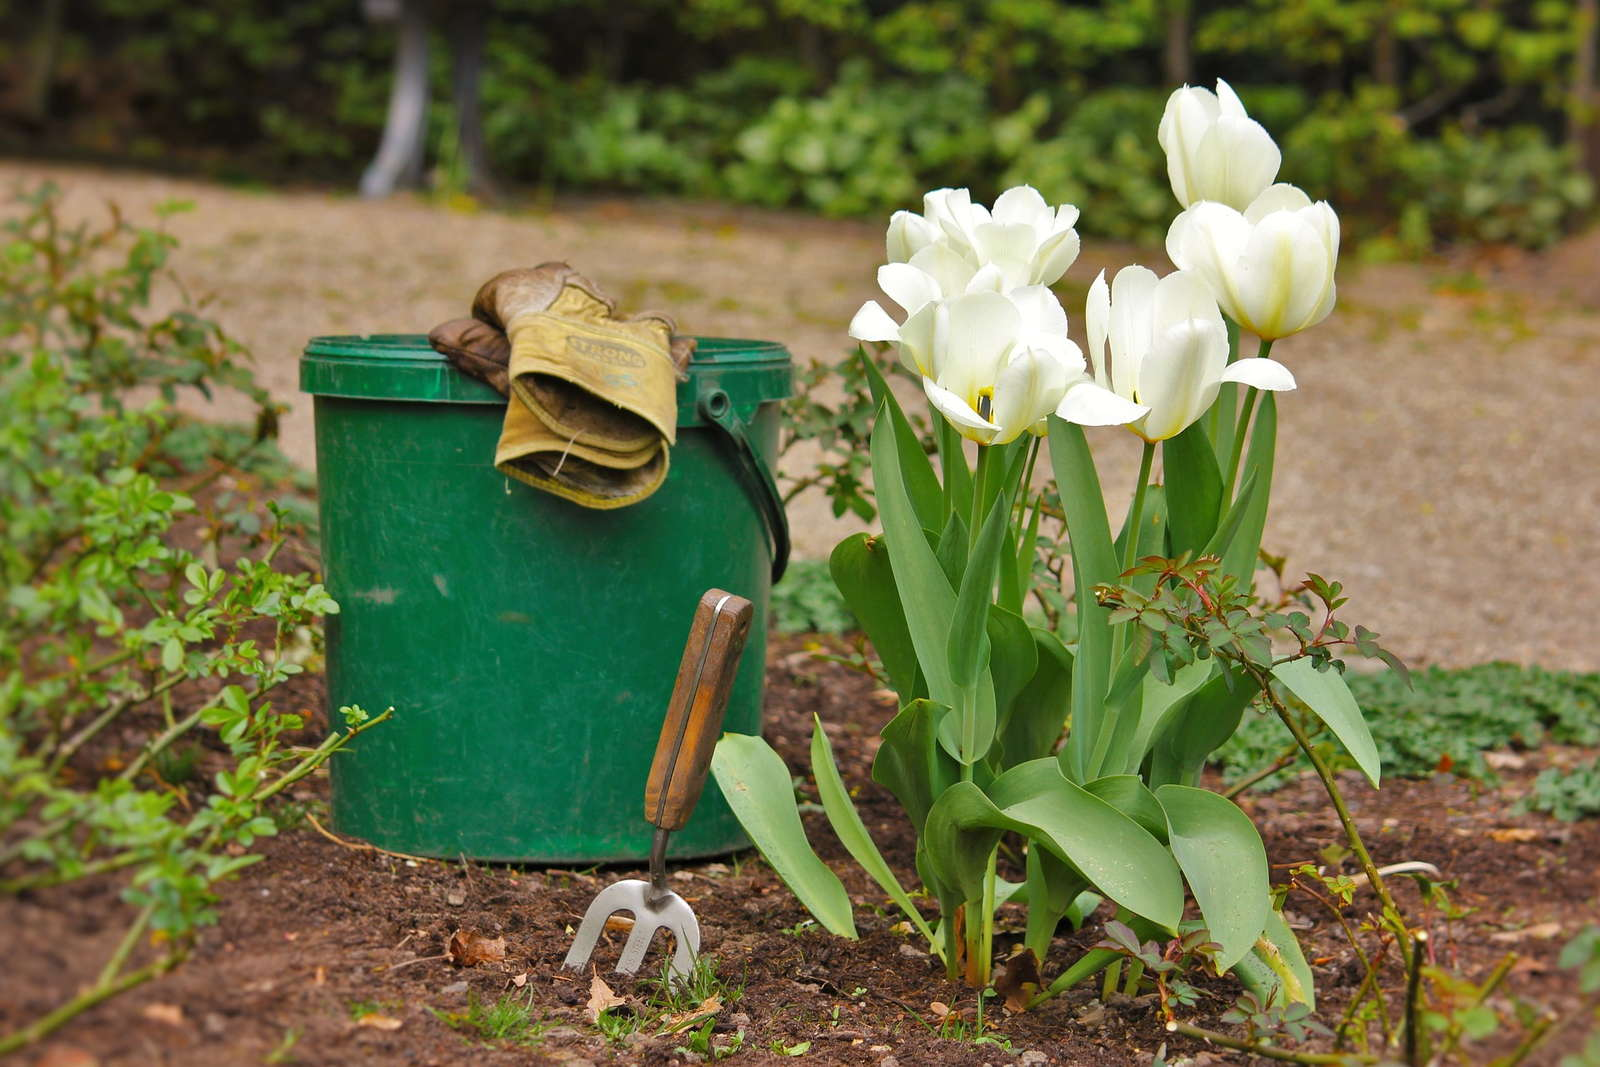 Tulpen Pflanzen Tulpenzwiebeln Im Eigenen Garten Anbauen Plantura